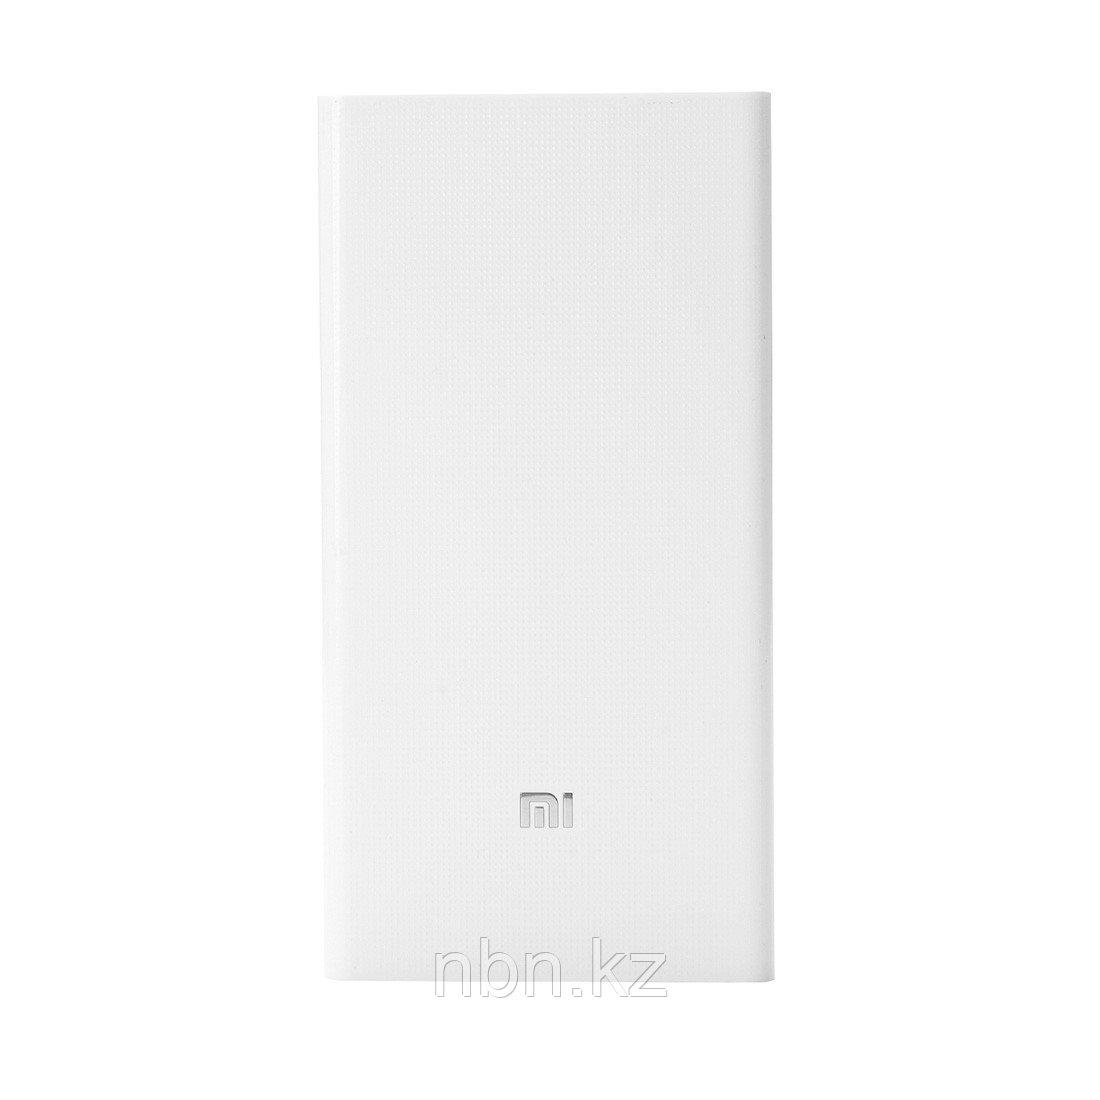 Портативное зарядное устройство Xiaomi Mi Power Bank 20000mAh V2 Белый